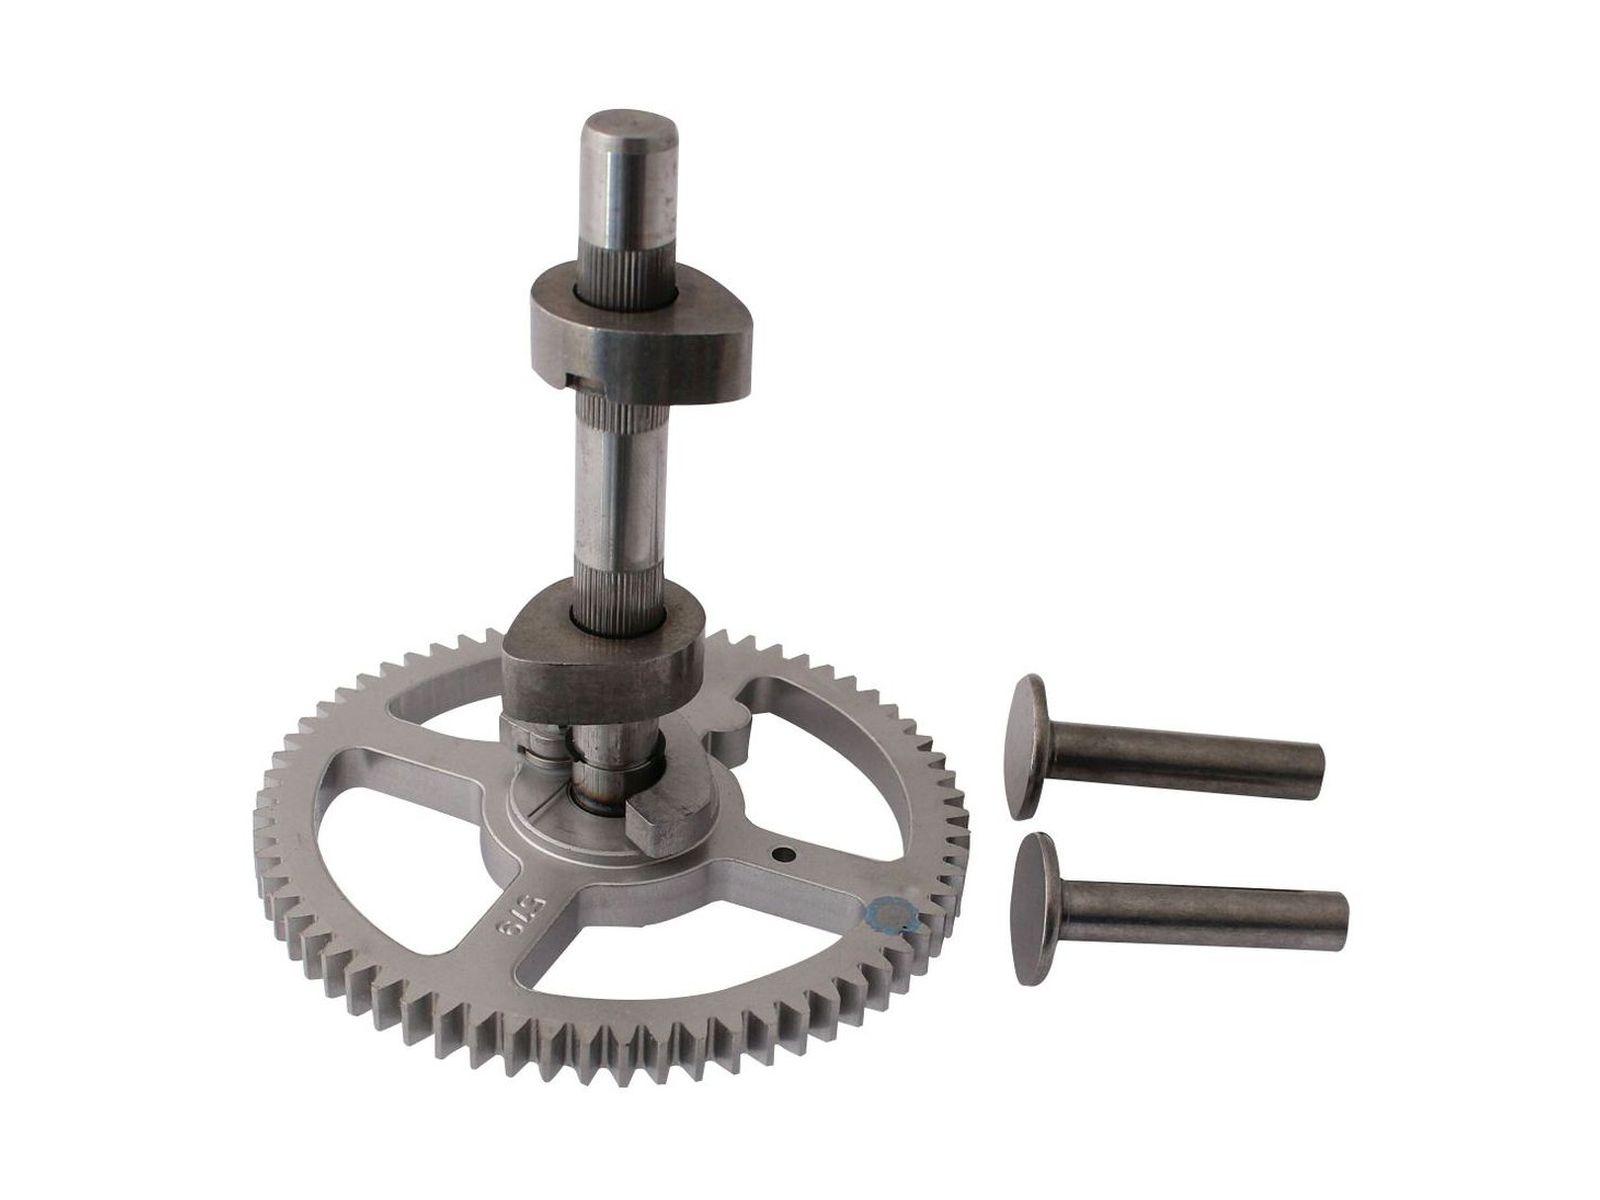 Nockenwelle Briggs & Stratton 793880 mit Dekompressionshebel | Rasentraktor  Ersatzteile, Landtechnik und Forsttechnik - MA-Versand